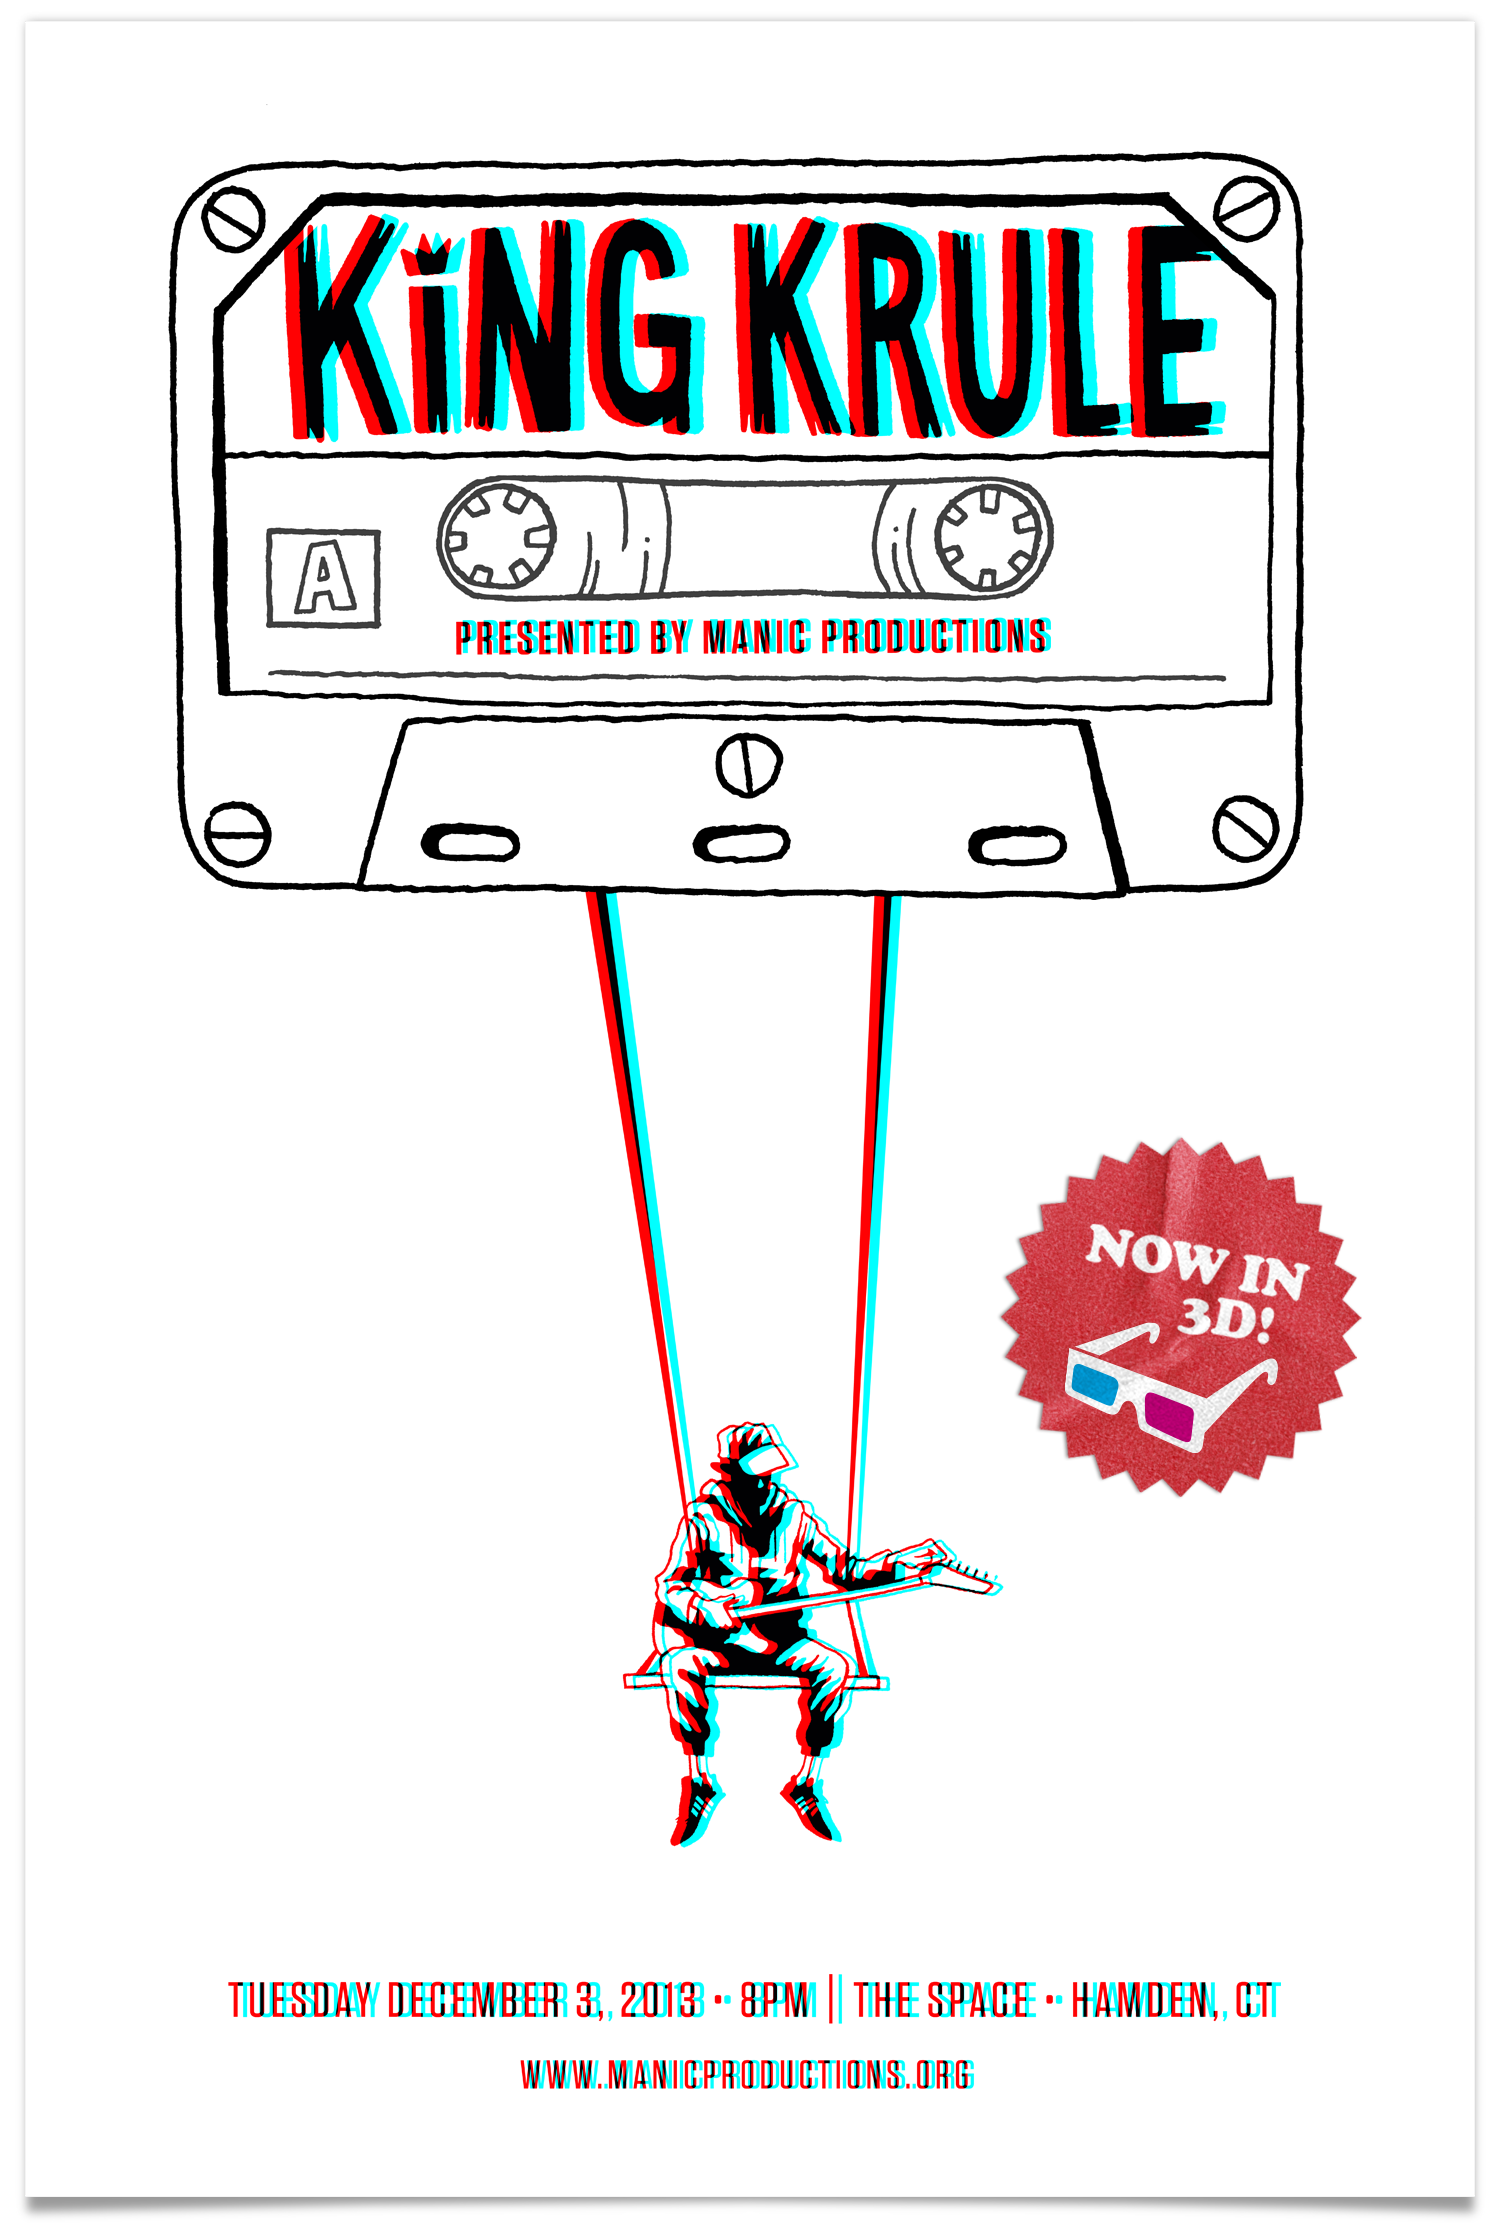 King-Krule_poster_3D.png